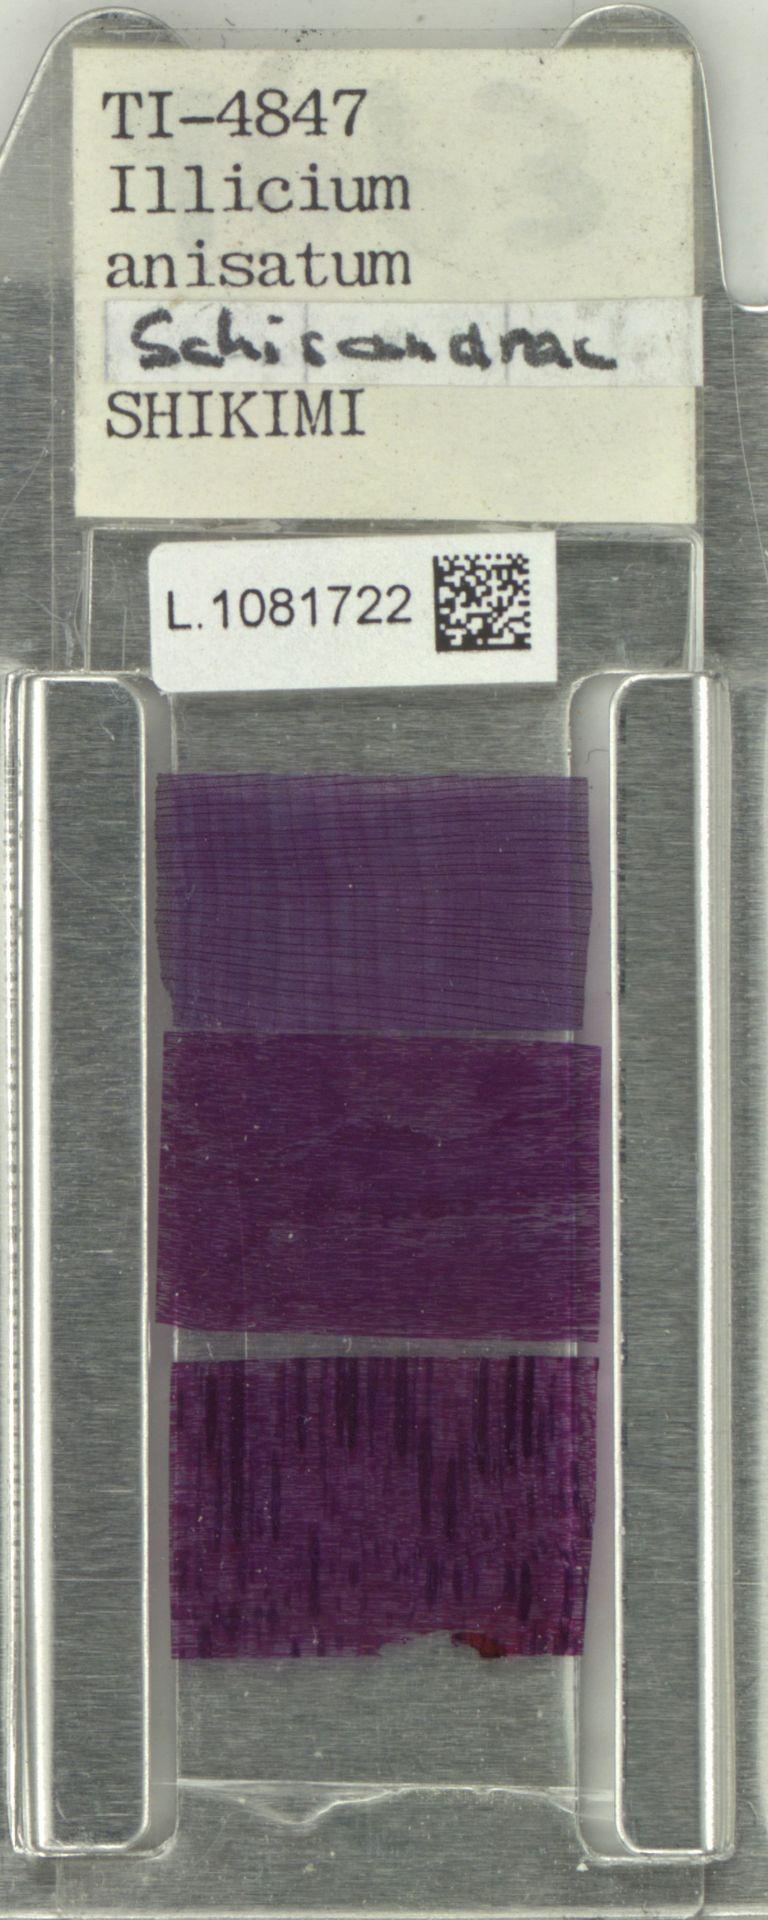 L.1081722 | Illicium anisatum L.